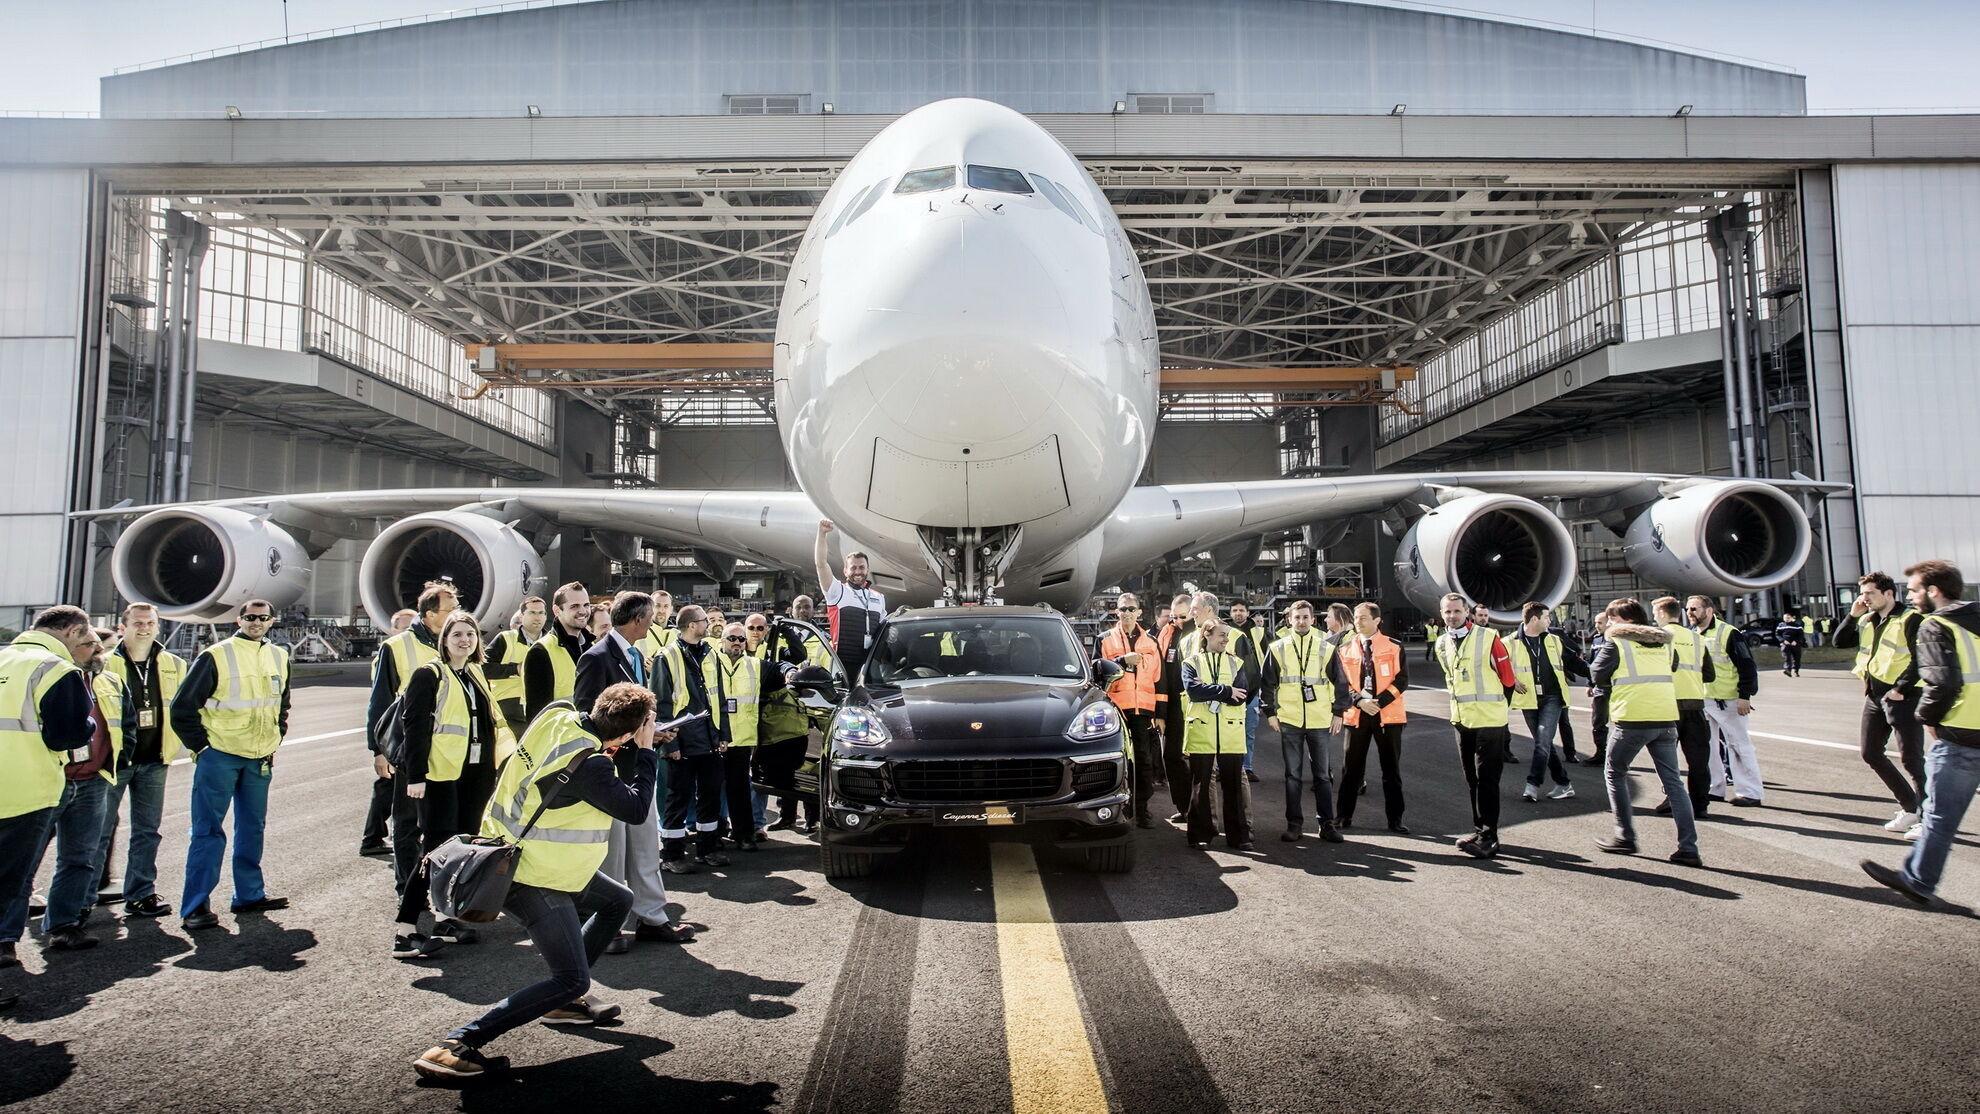 """У 2018 році Porsche відзначився у """"Книзі рекордів Гіннесса"""", відбуксувавши 285-тонний Airbus A380 на 42 метри."""